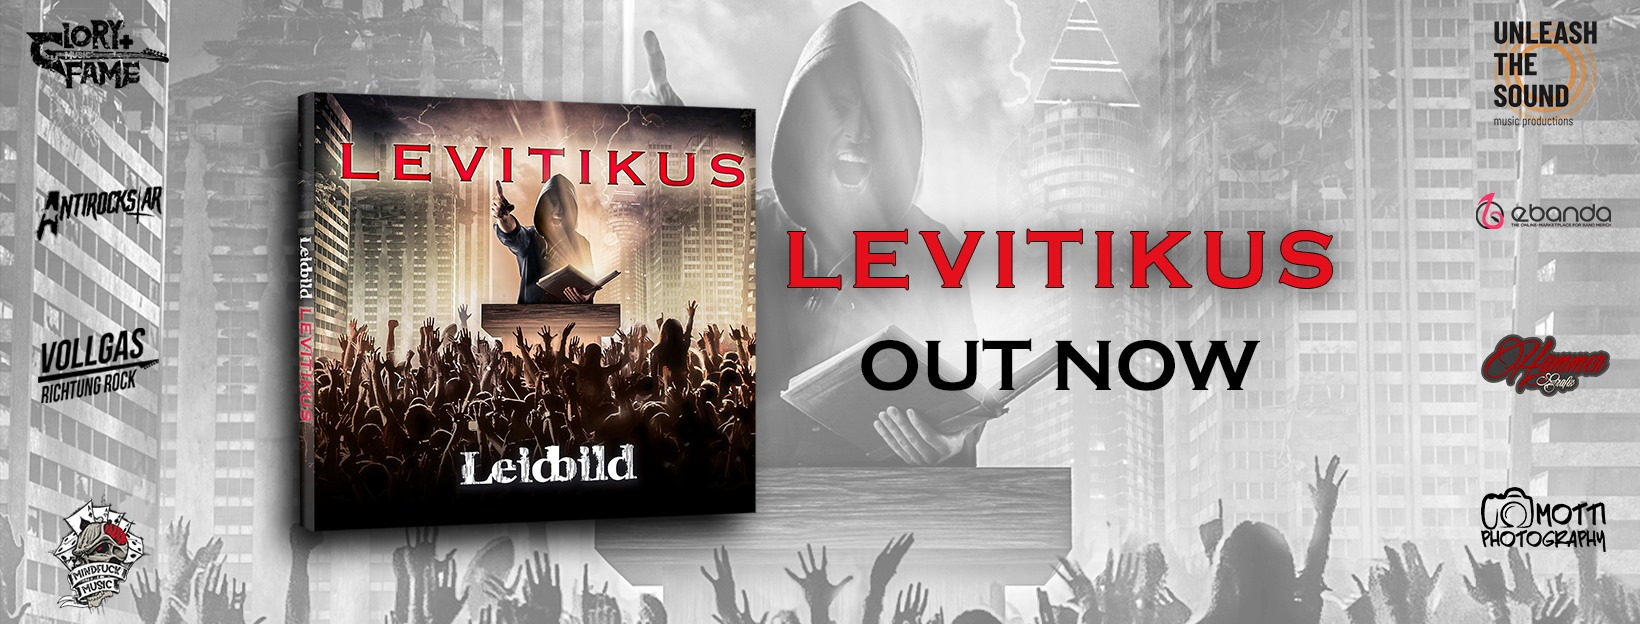 levitikus_out_now